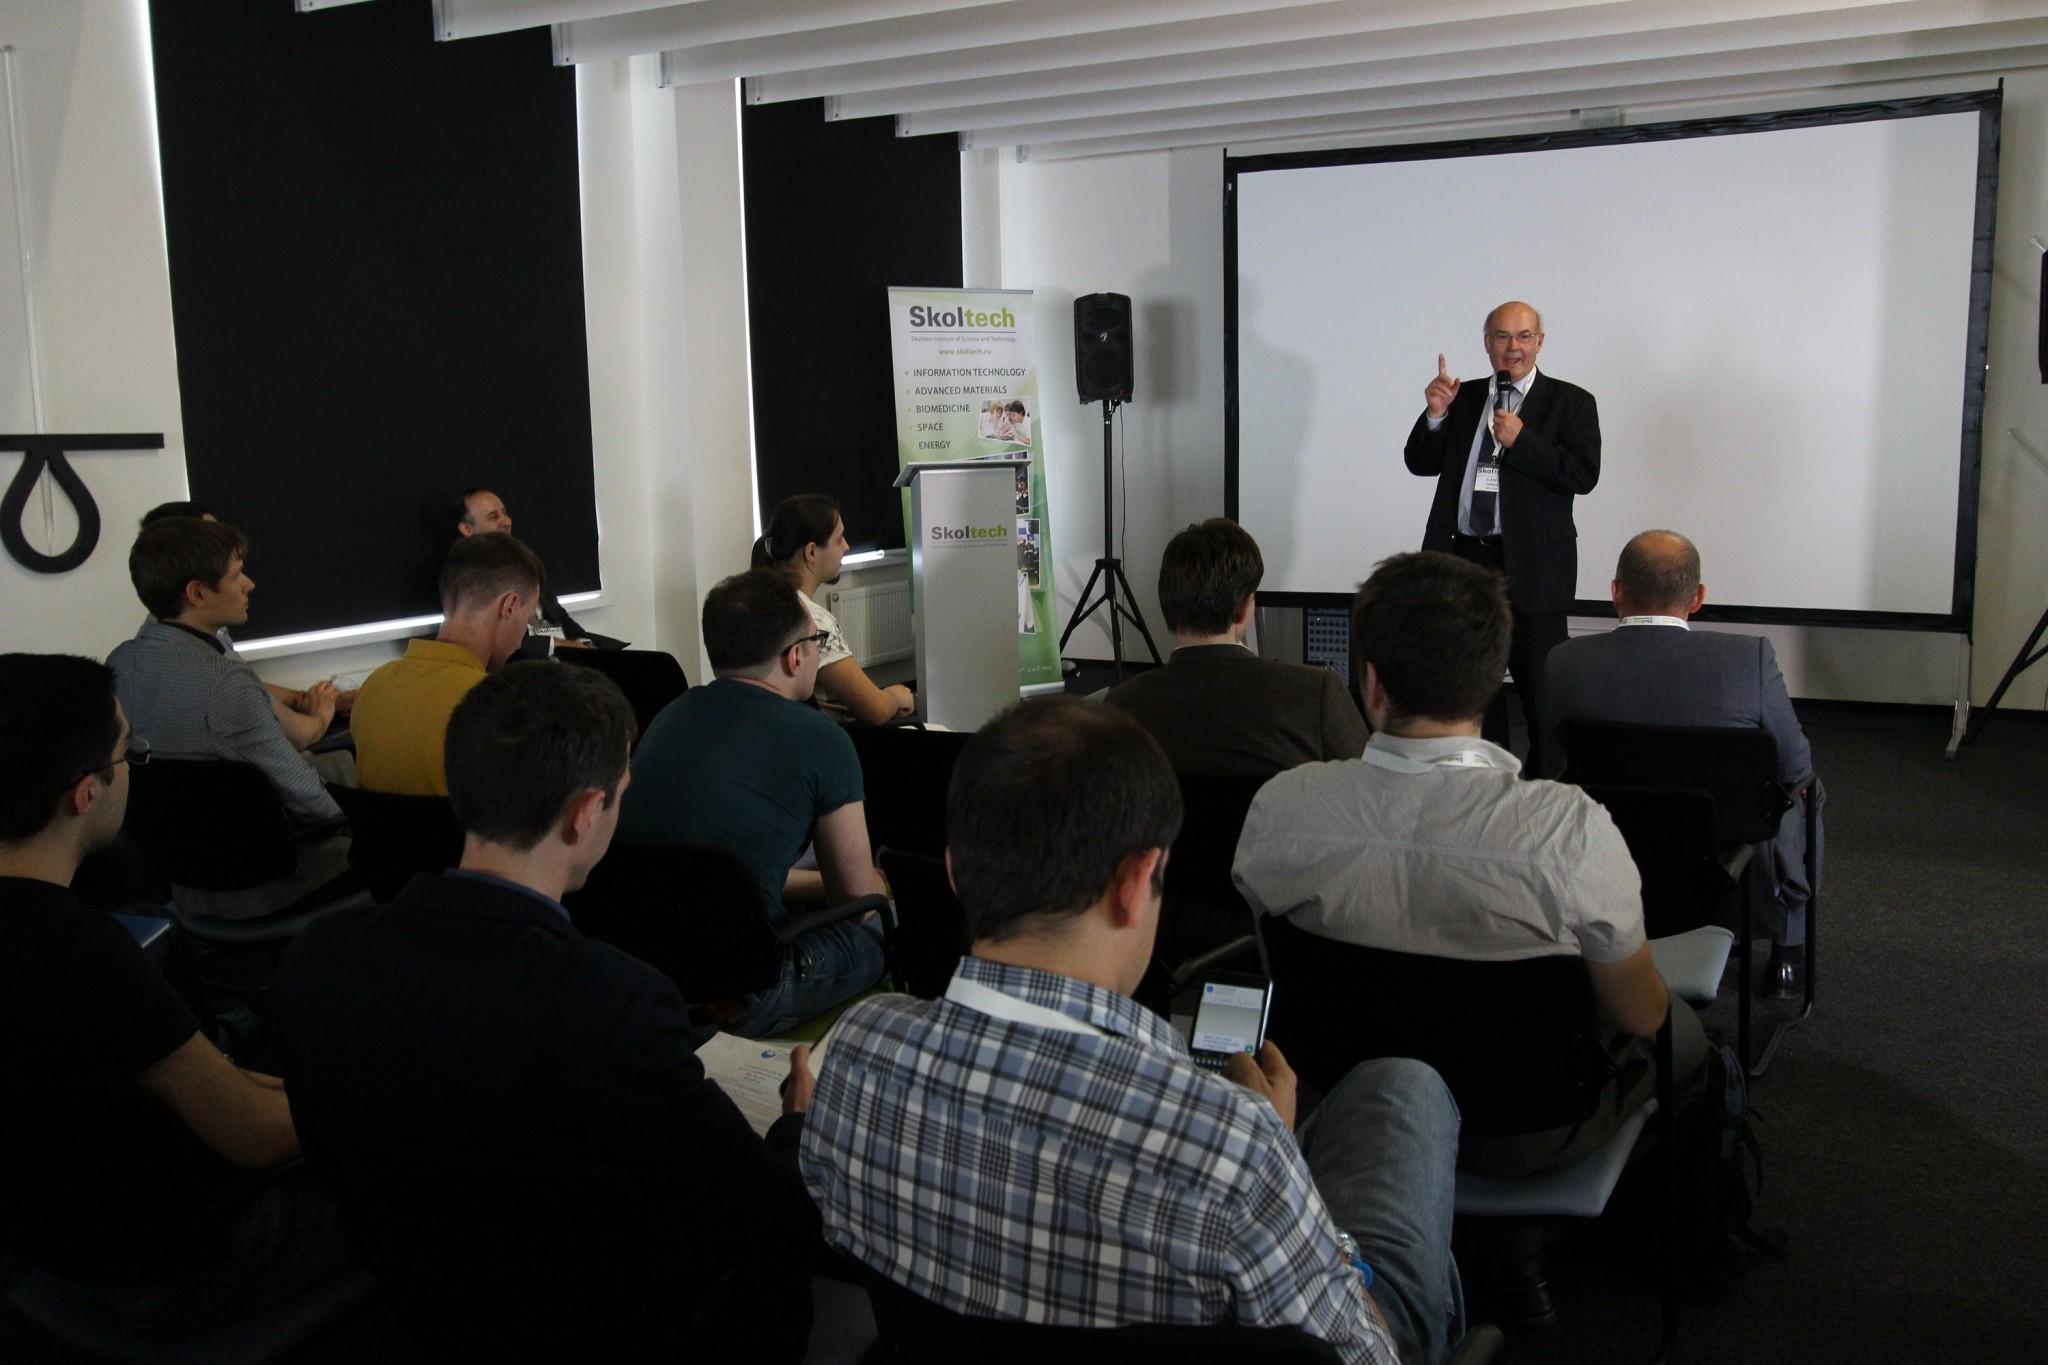 Prof. Rupert Gerzer, Provost of Skoltech